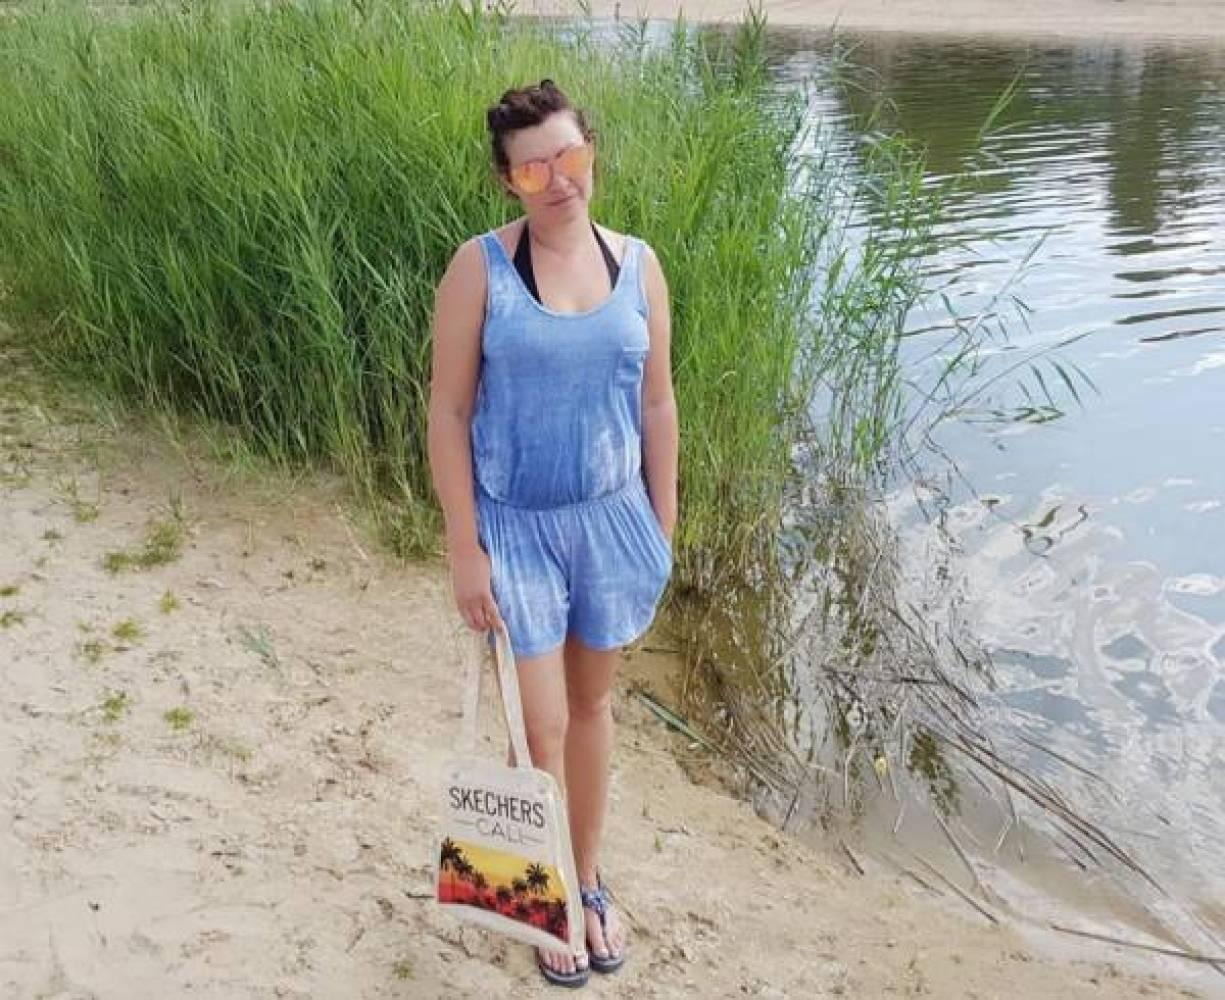 strand 3 - Ik ga naar het strand en ik neem mee..